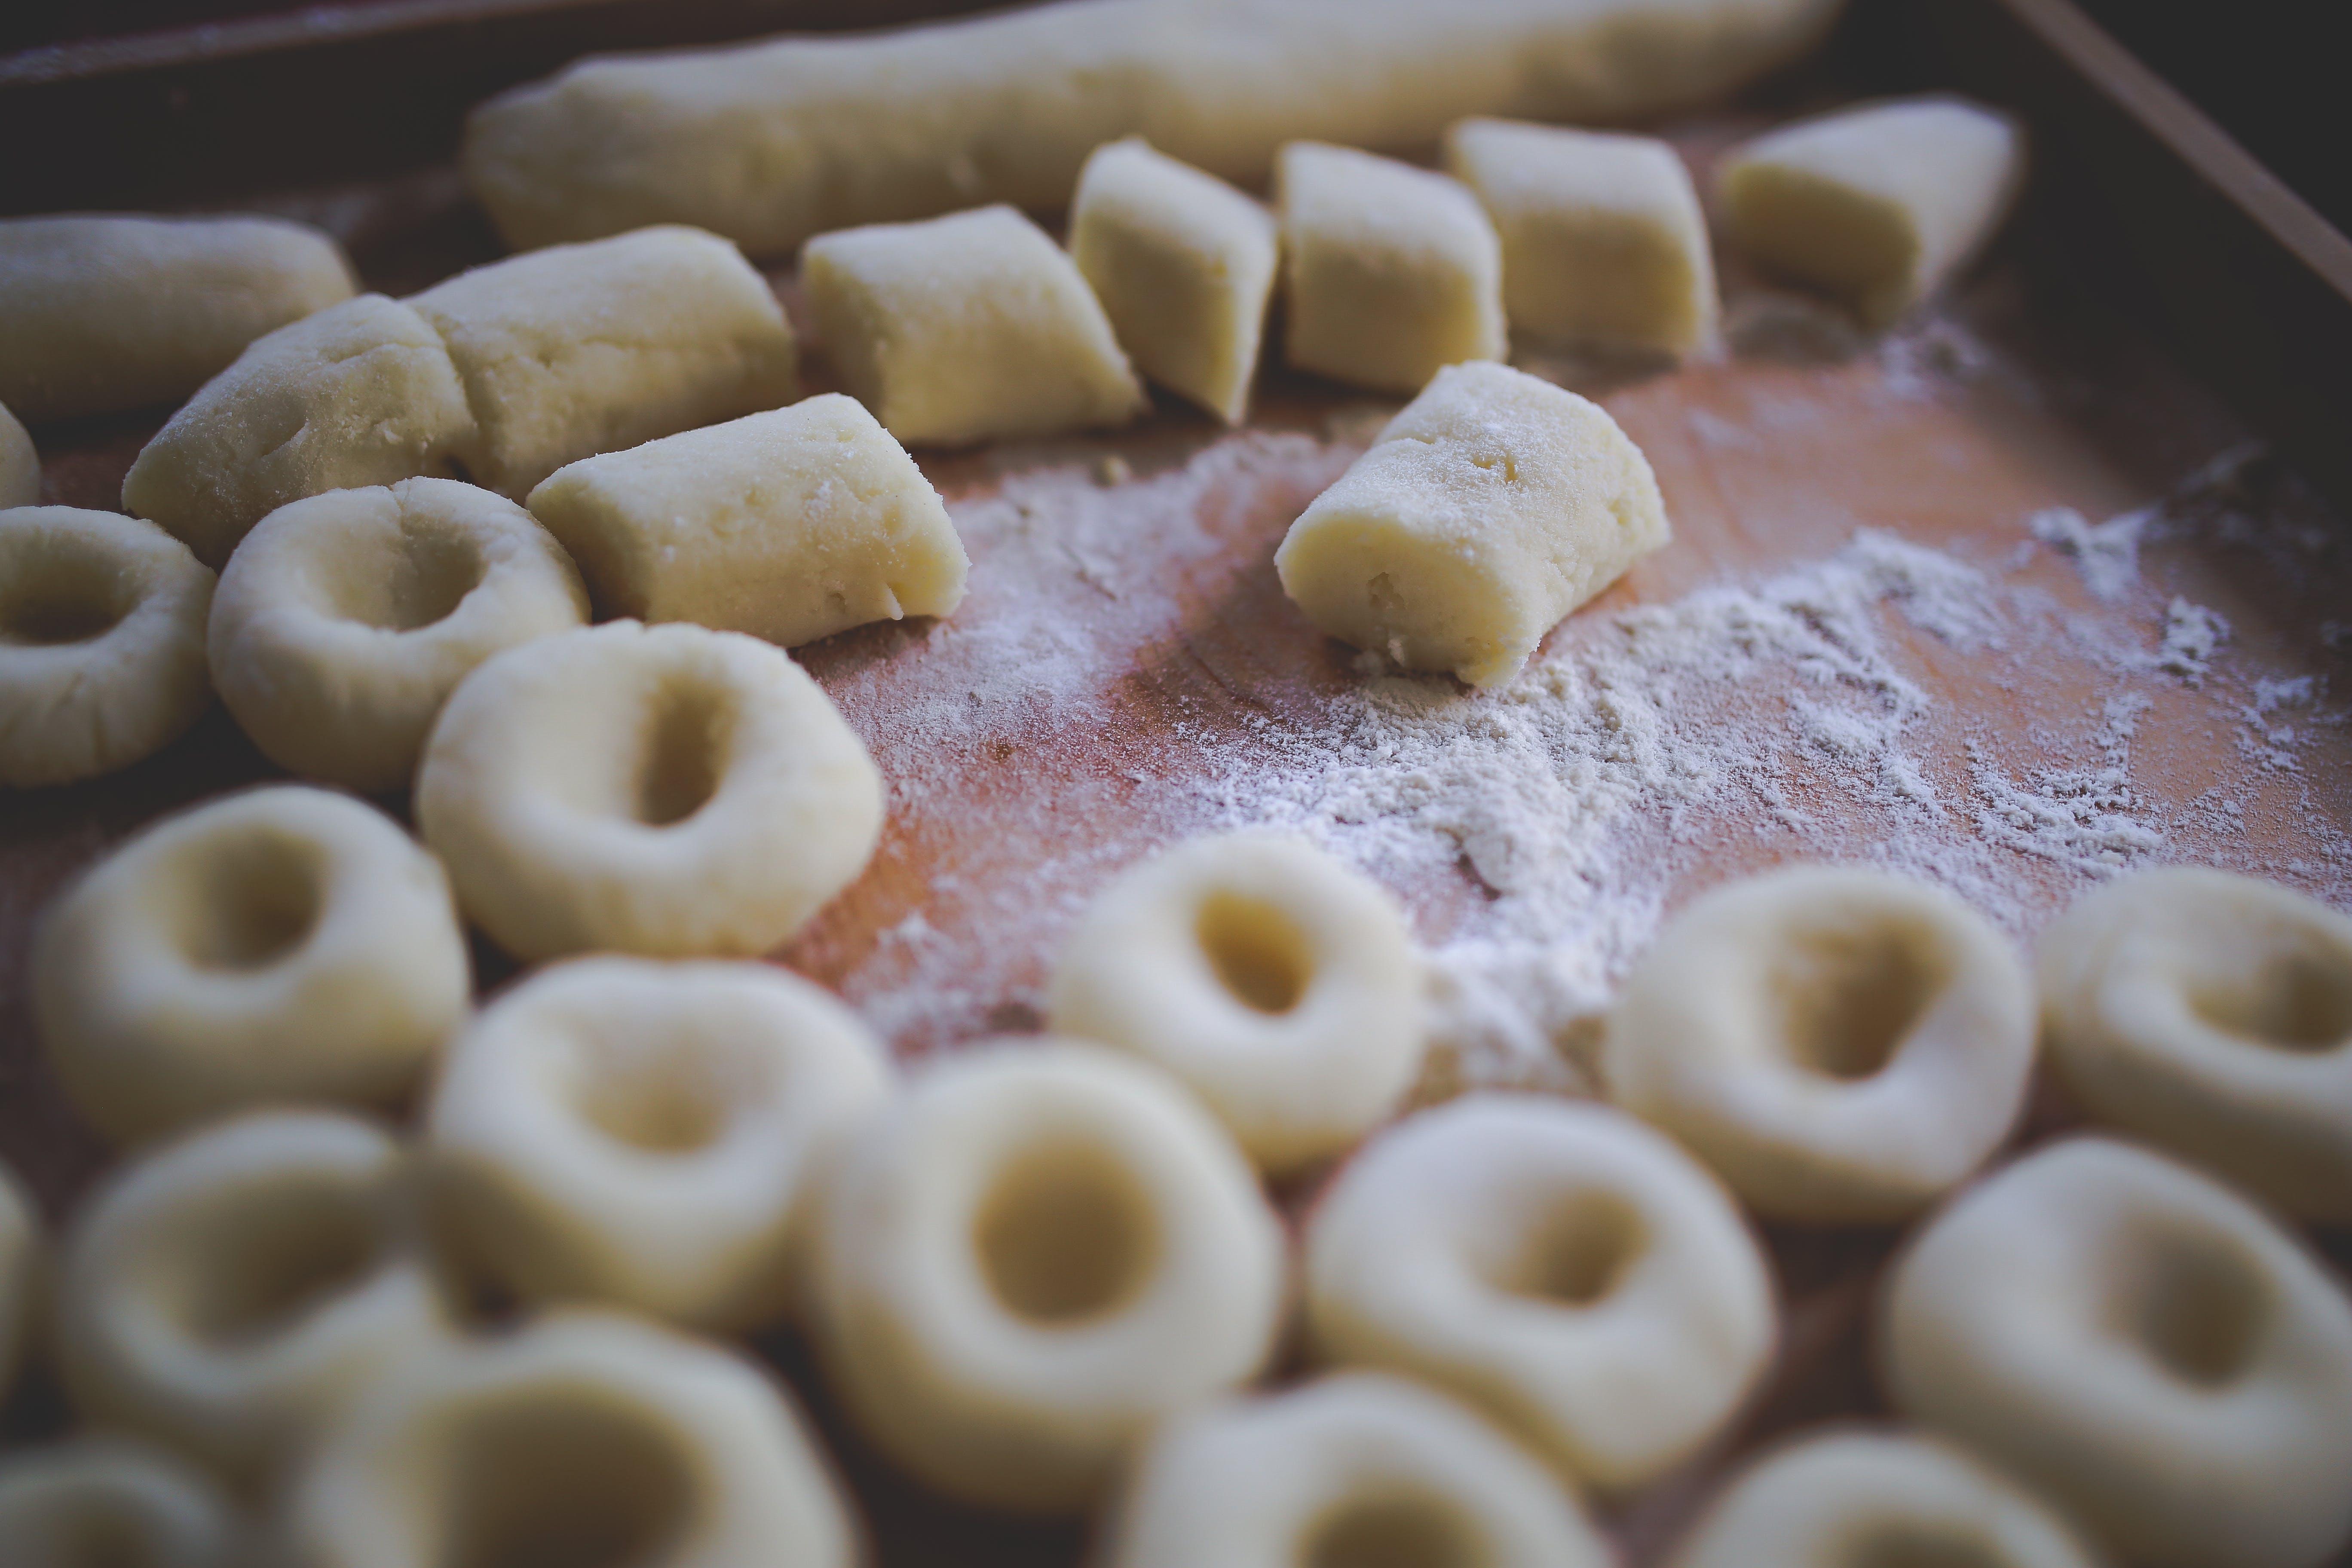 Silesian dumplings